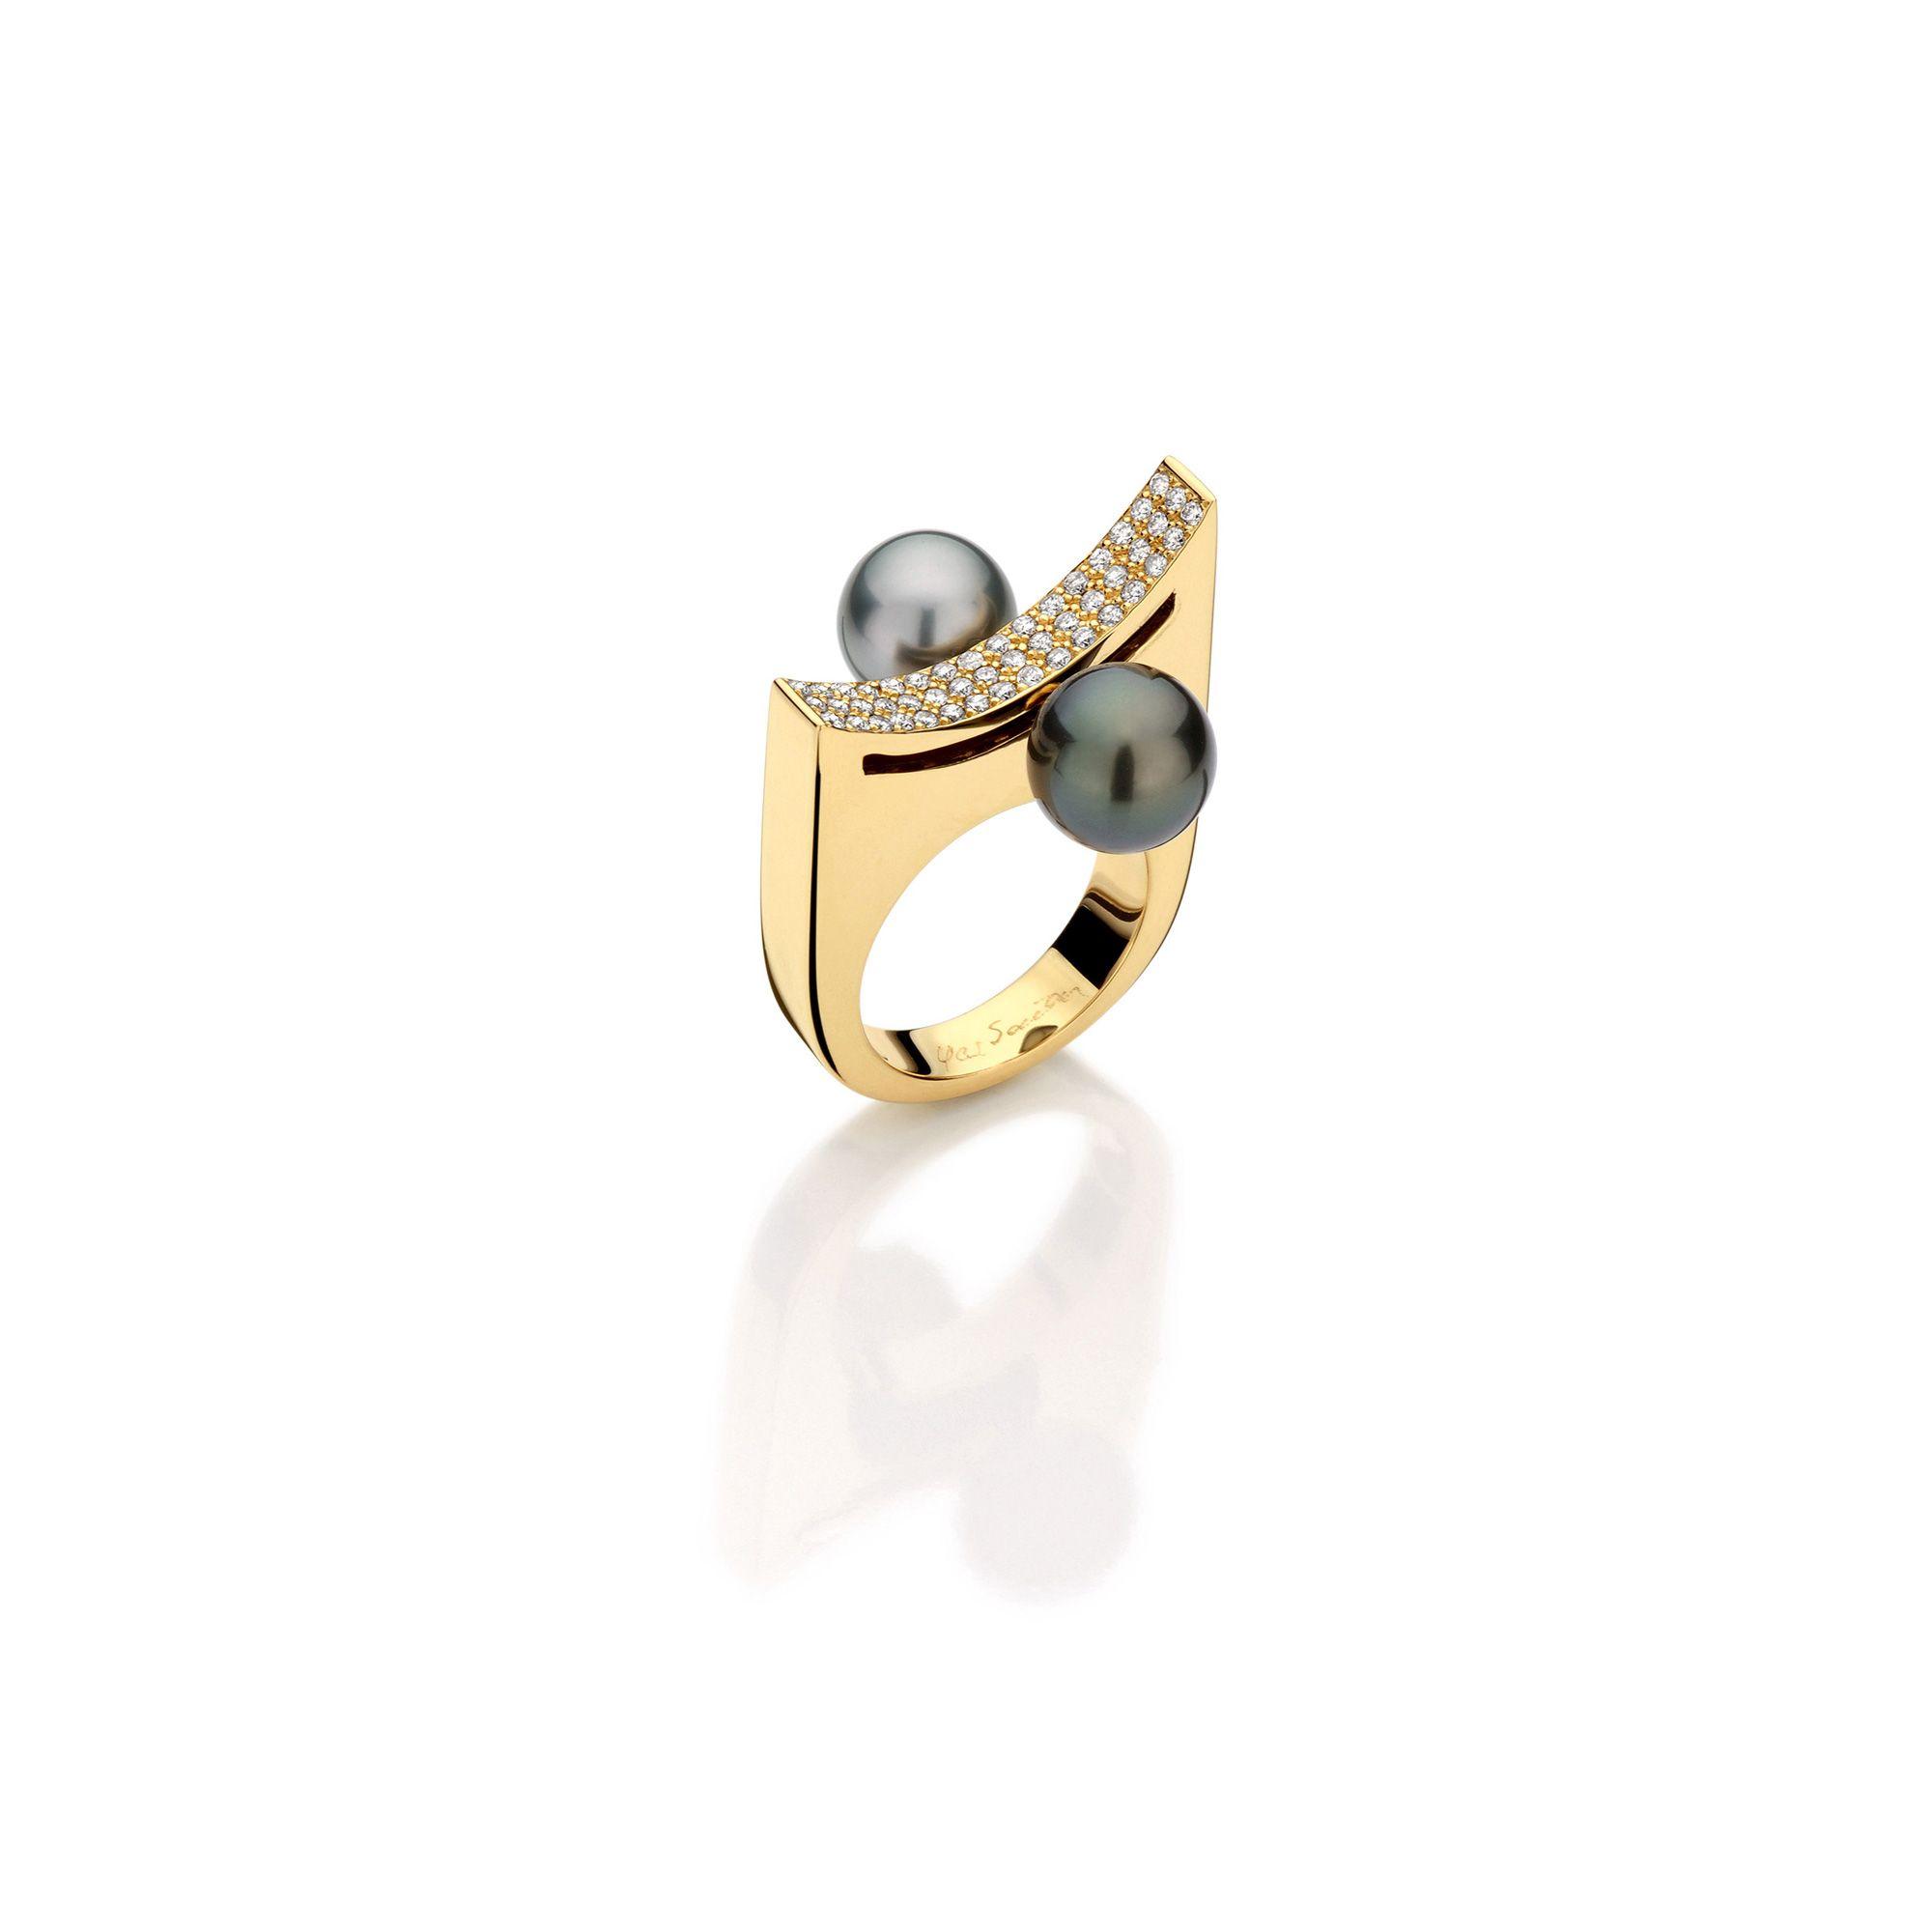 Curve ring Yael Sonia Designer 18K yellow gold tahitian pearls